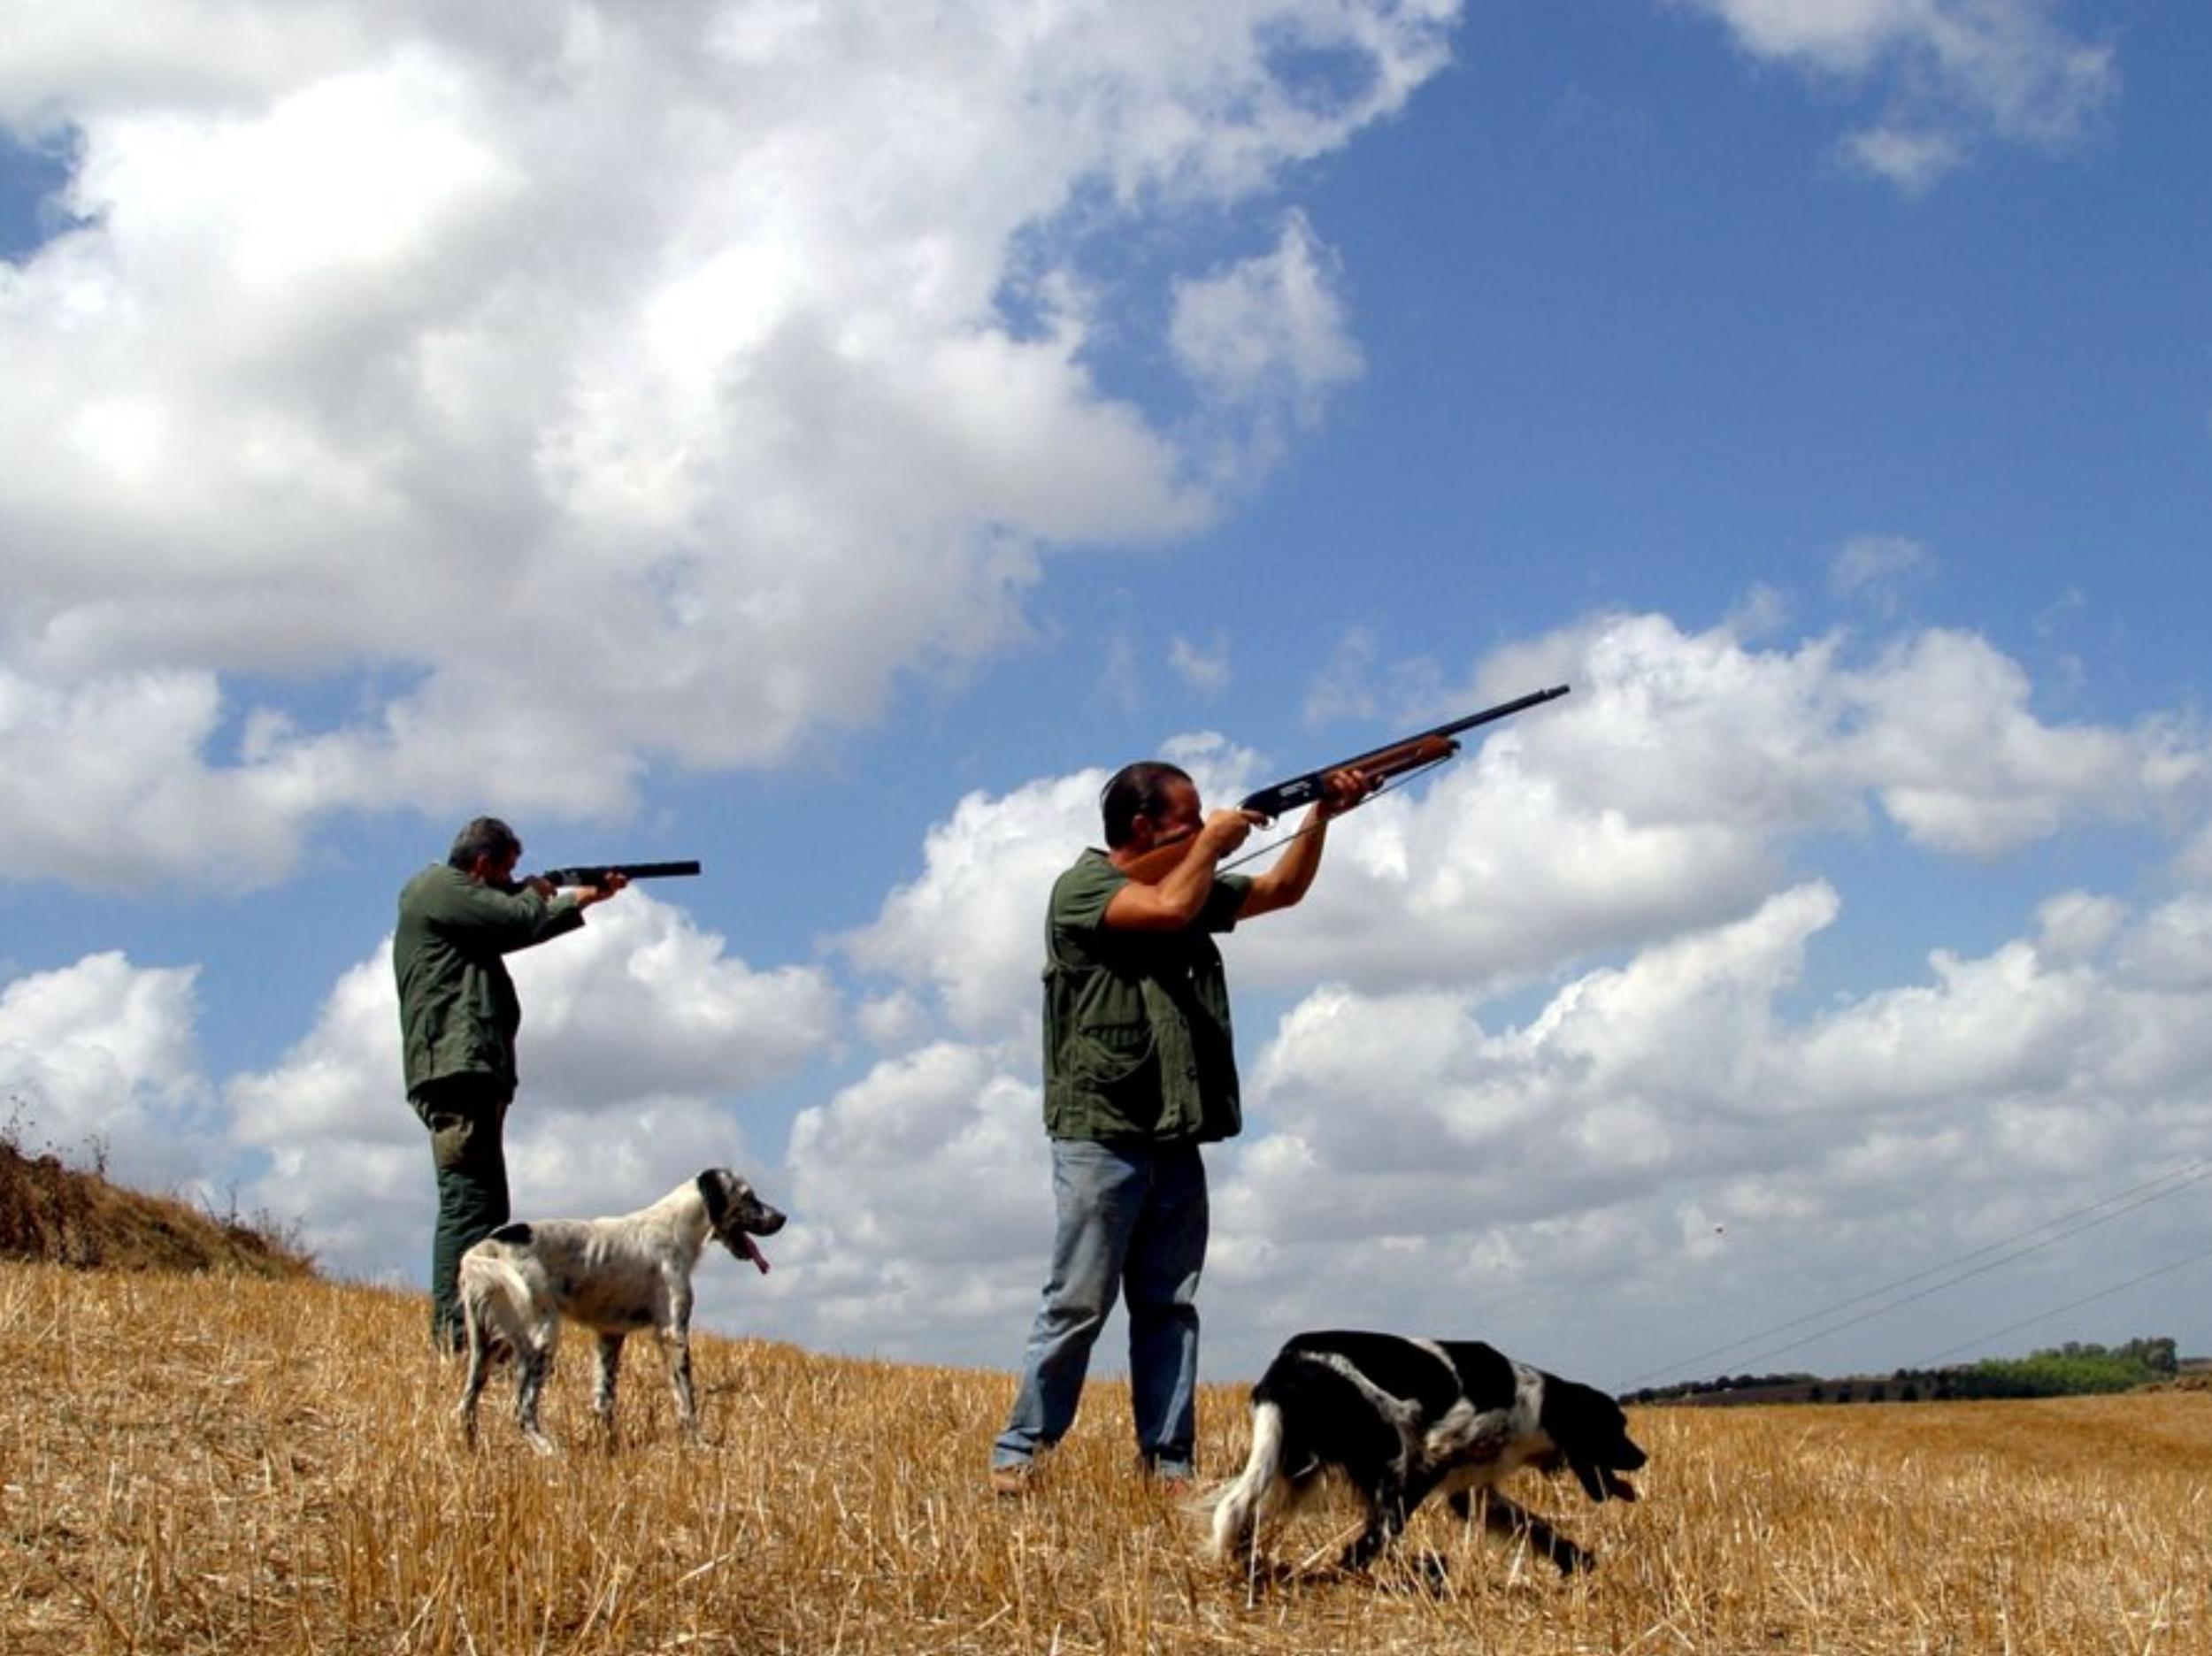 I cacciatori si convertano al birdwatching led - Uccelli che sbattono contro le finestre ...